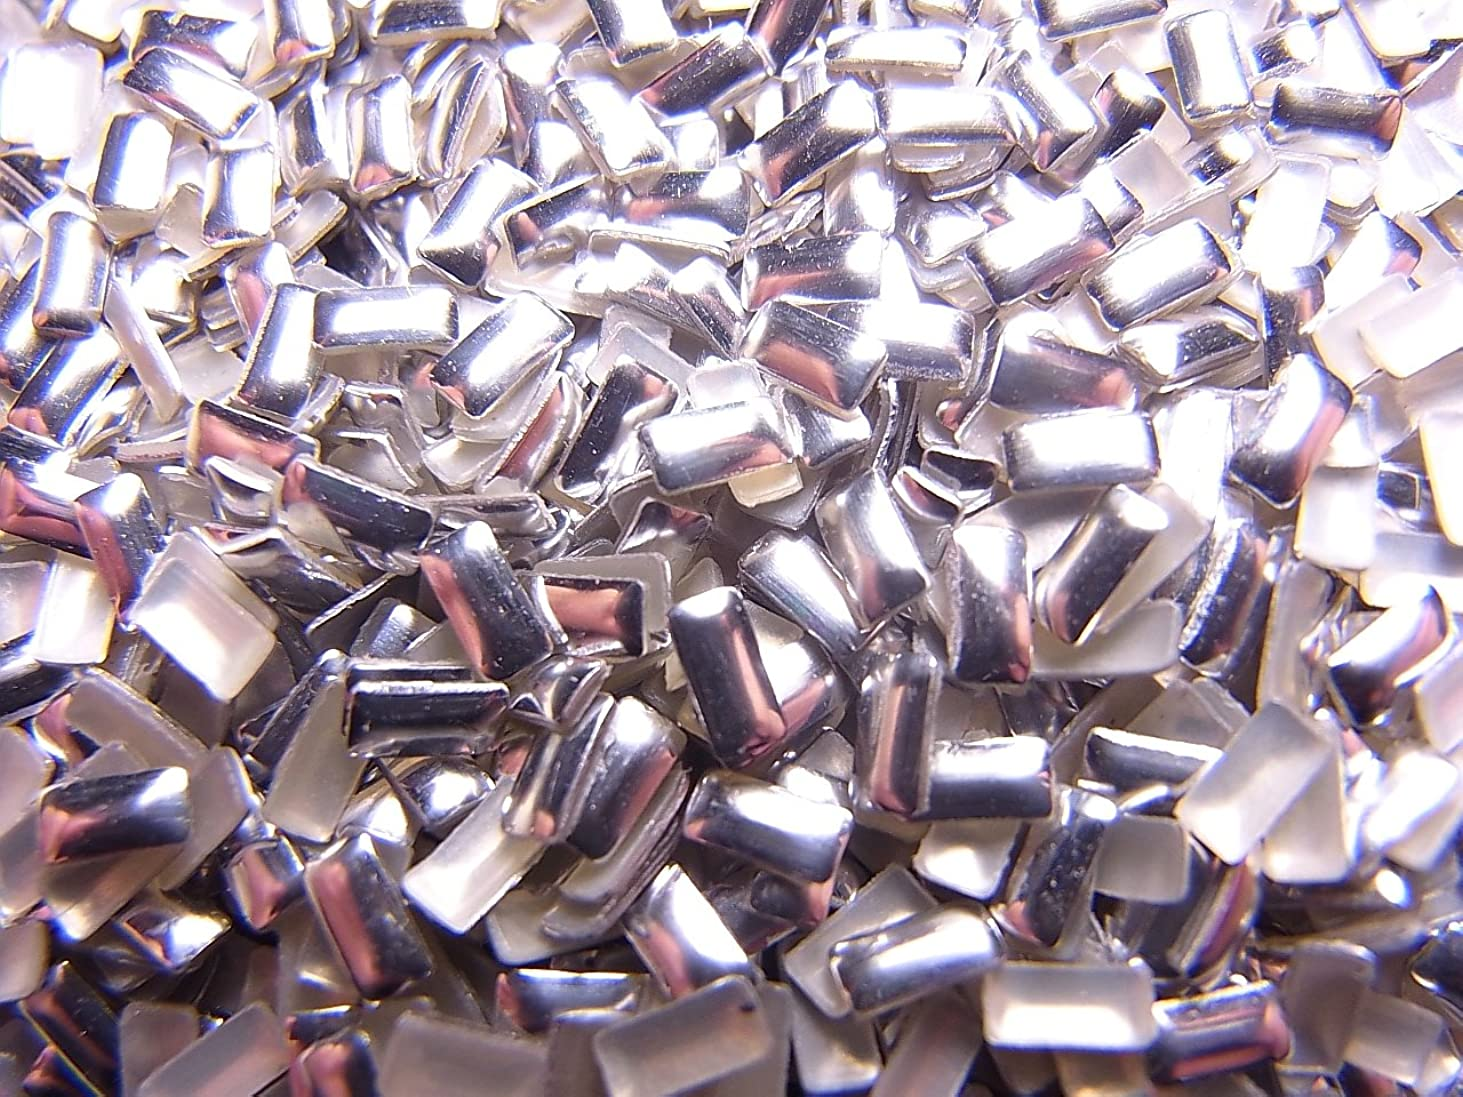 法廷平らにするタイヤ【jewel】メタルスタッズ 多種類 ゴールドorシルバー 各サイズ 選択可能 (長方形(レクタングル) 4mm, シルバー)